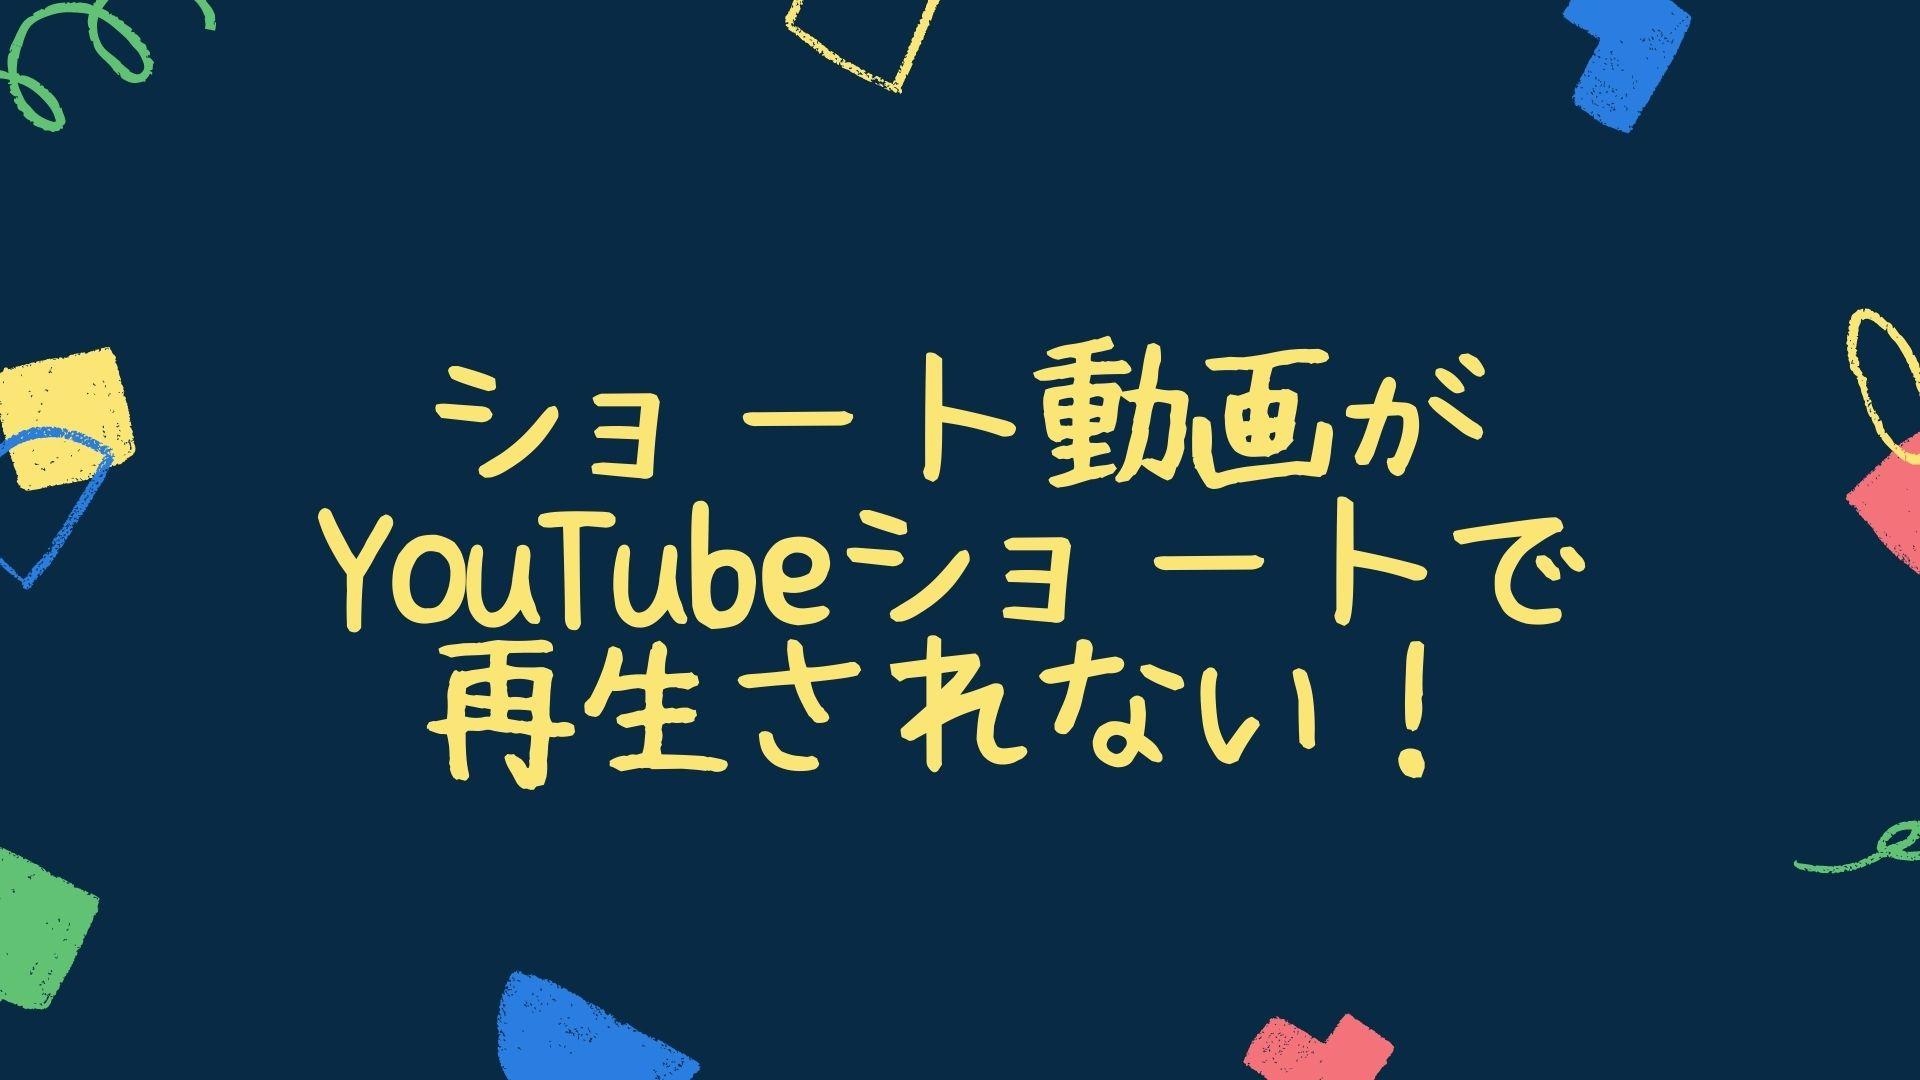 自分のショート動画がYouTubeショートで再生されない!